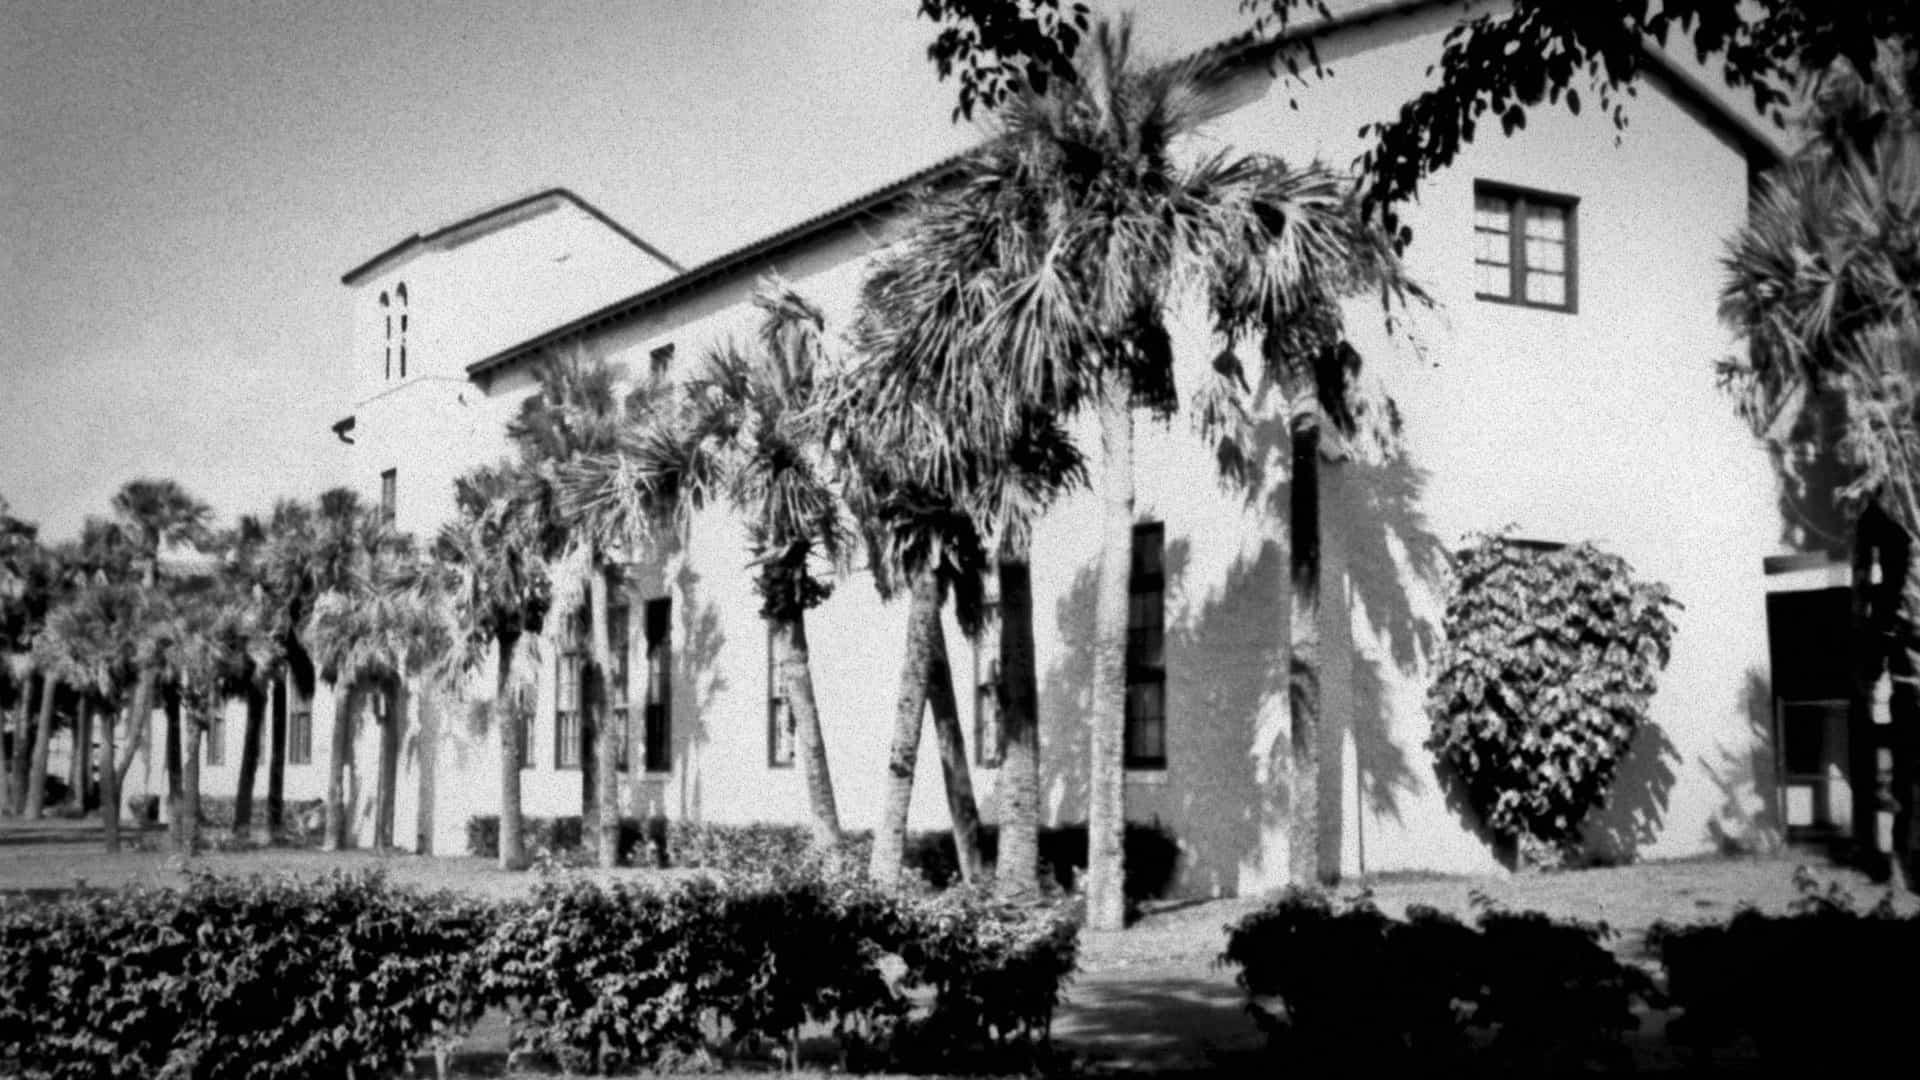 Deerfield Beach Elementary in early Deerfield Beach, FL